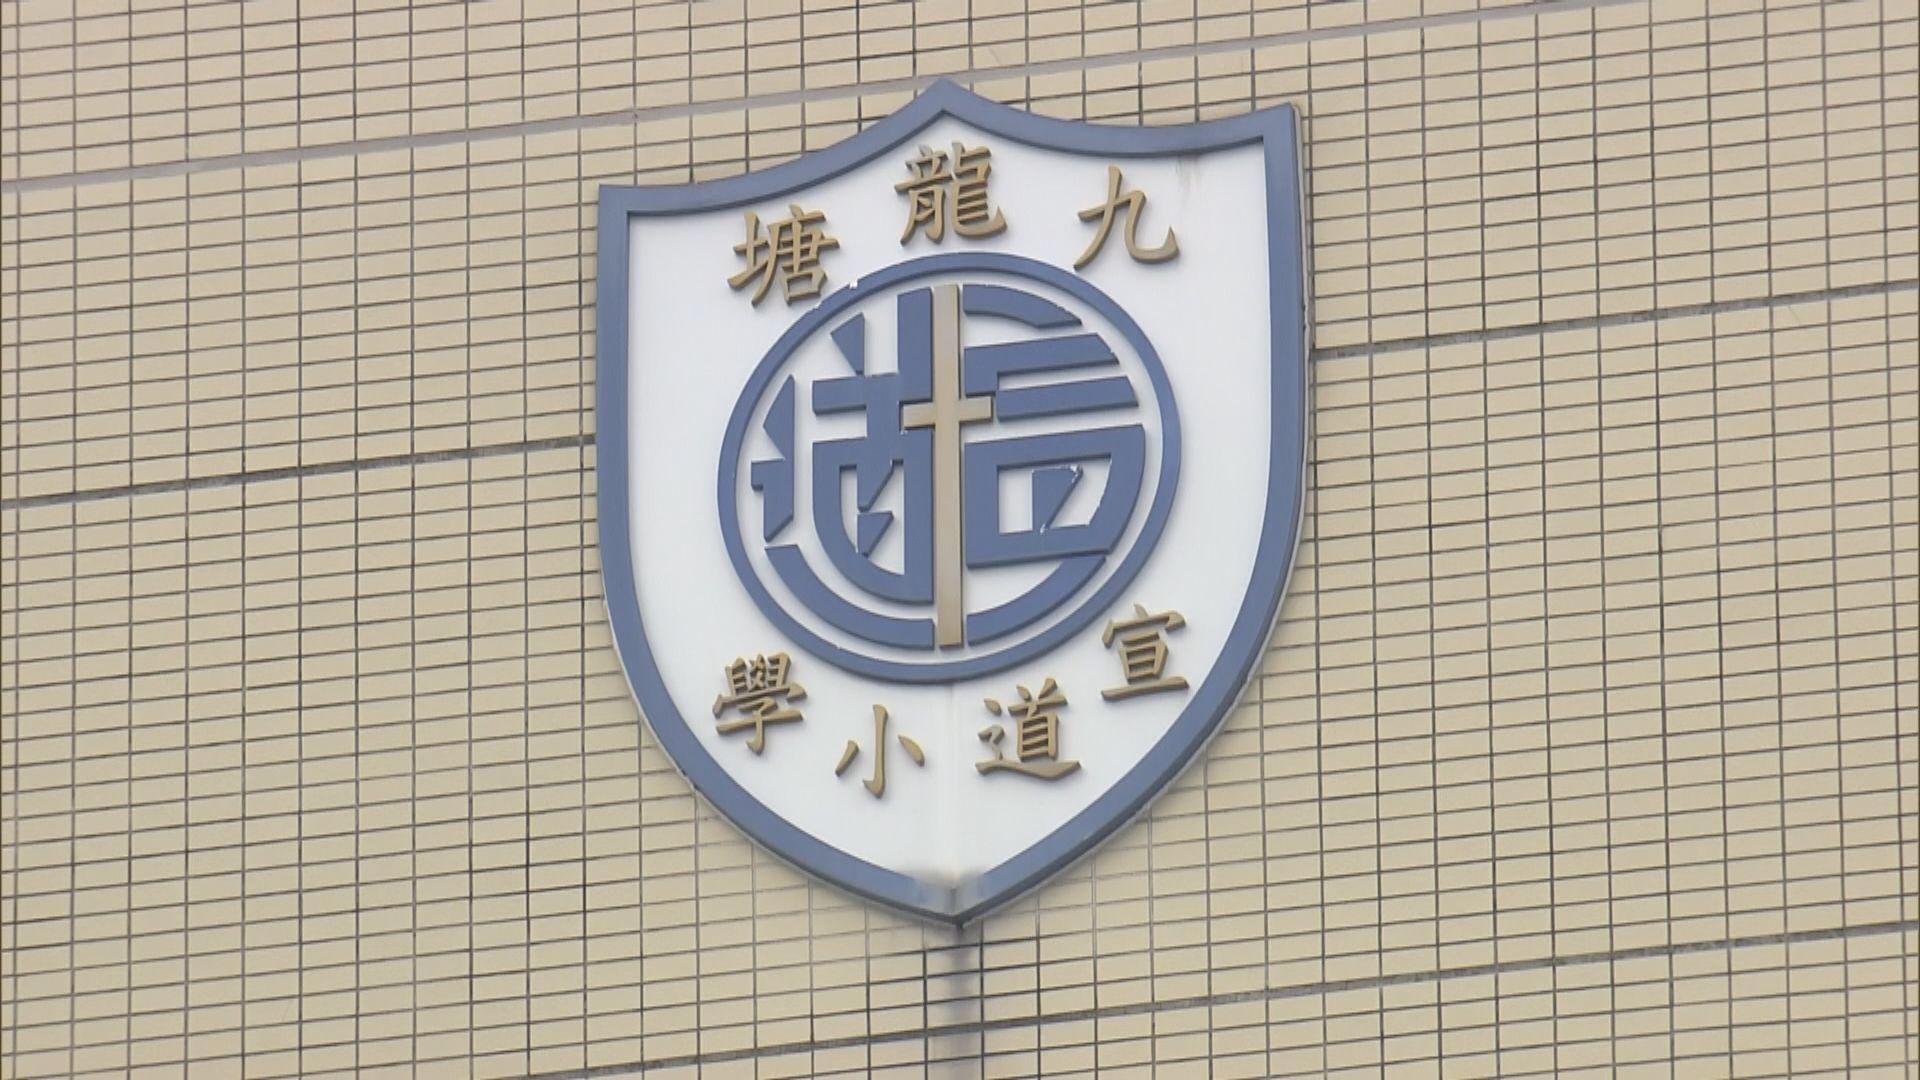 九龍塘宣道小學:盡力確保校園保持政治中立